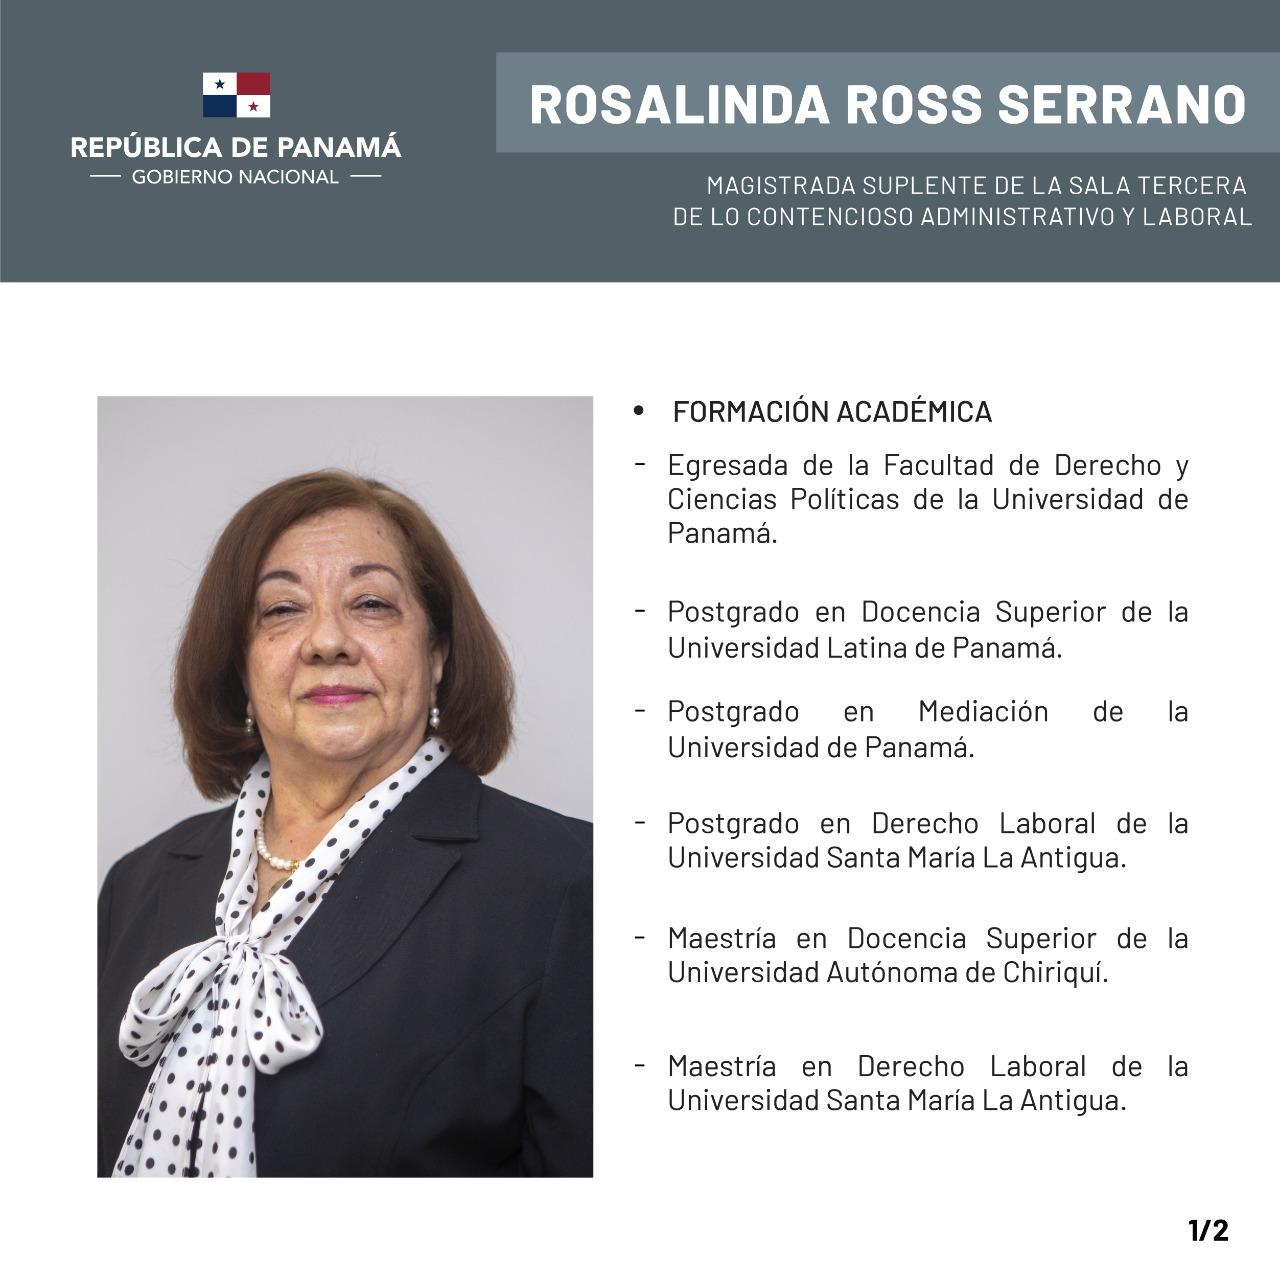 Rosalinda Ross Serrano CV